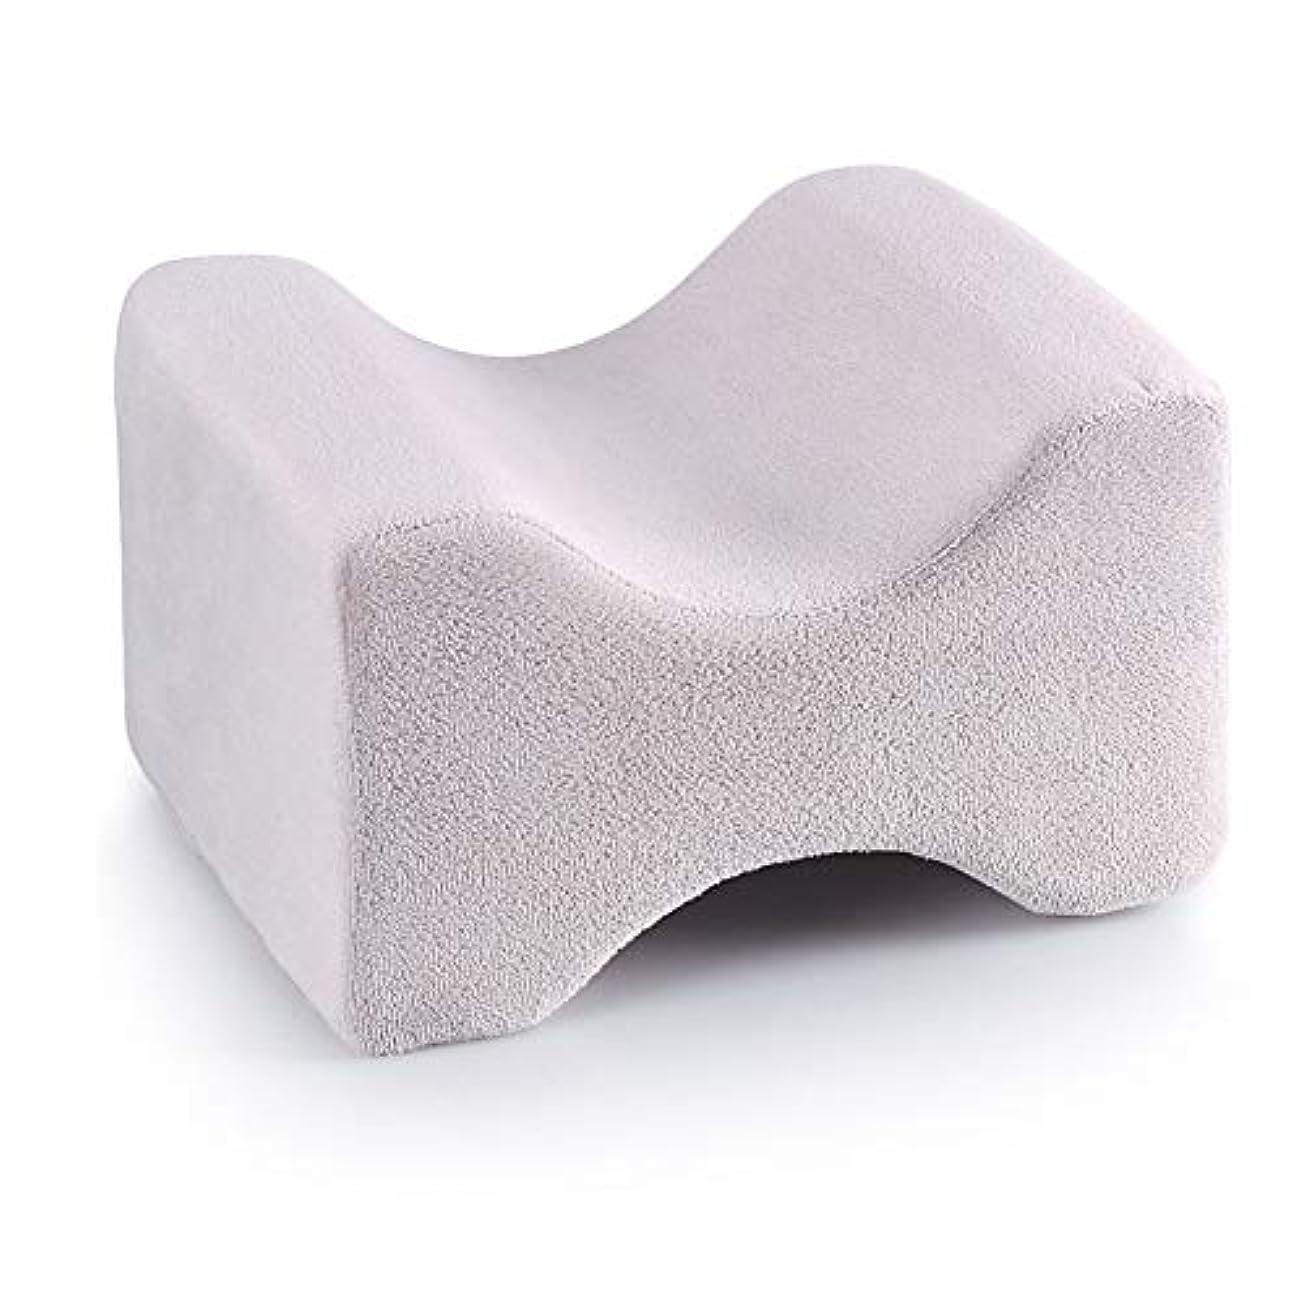 傾いた換気ダブル3パック整形外科用膝枕用リリーフ、取り外し可能な洗えるカバー、低反発ウェッジの輪郭を促し、睡眠を促進し、血液循環を改善